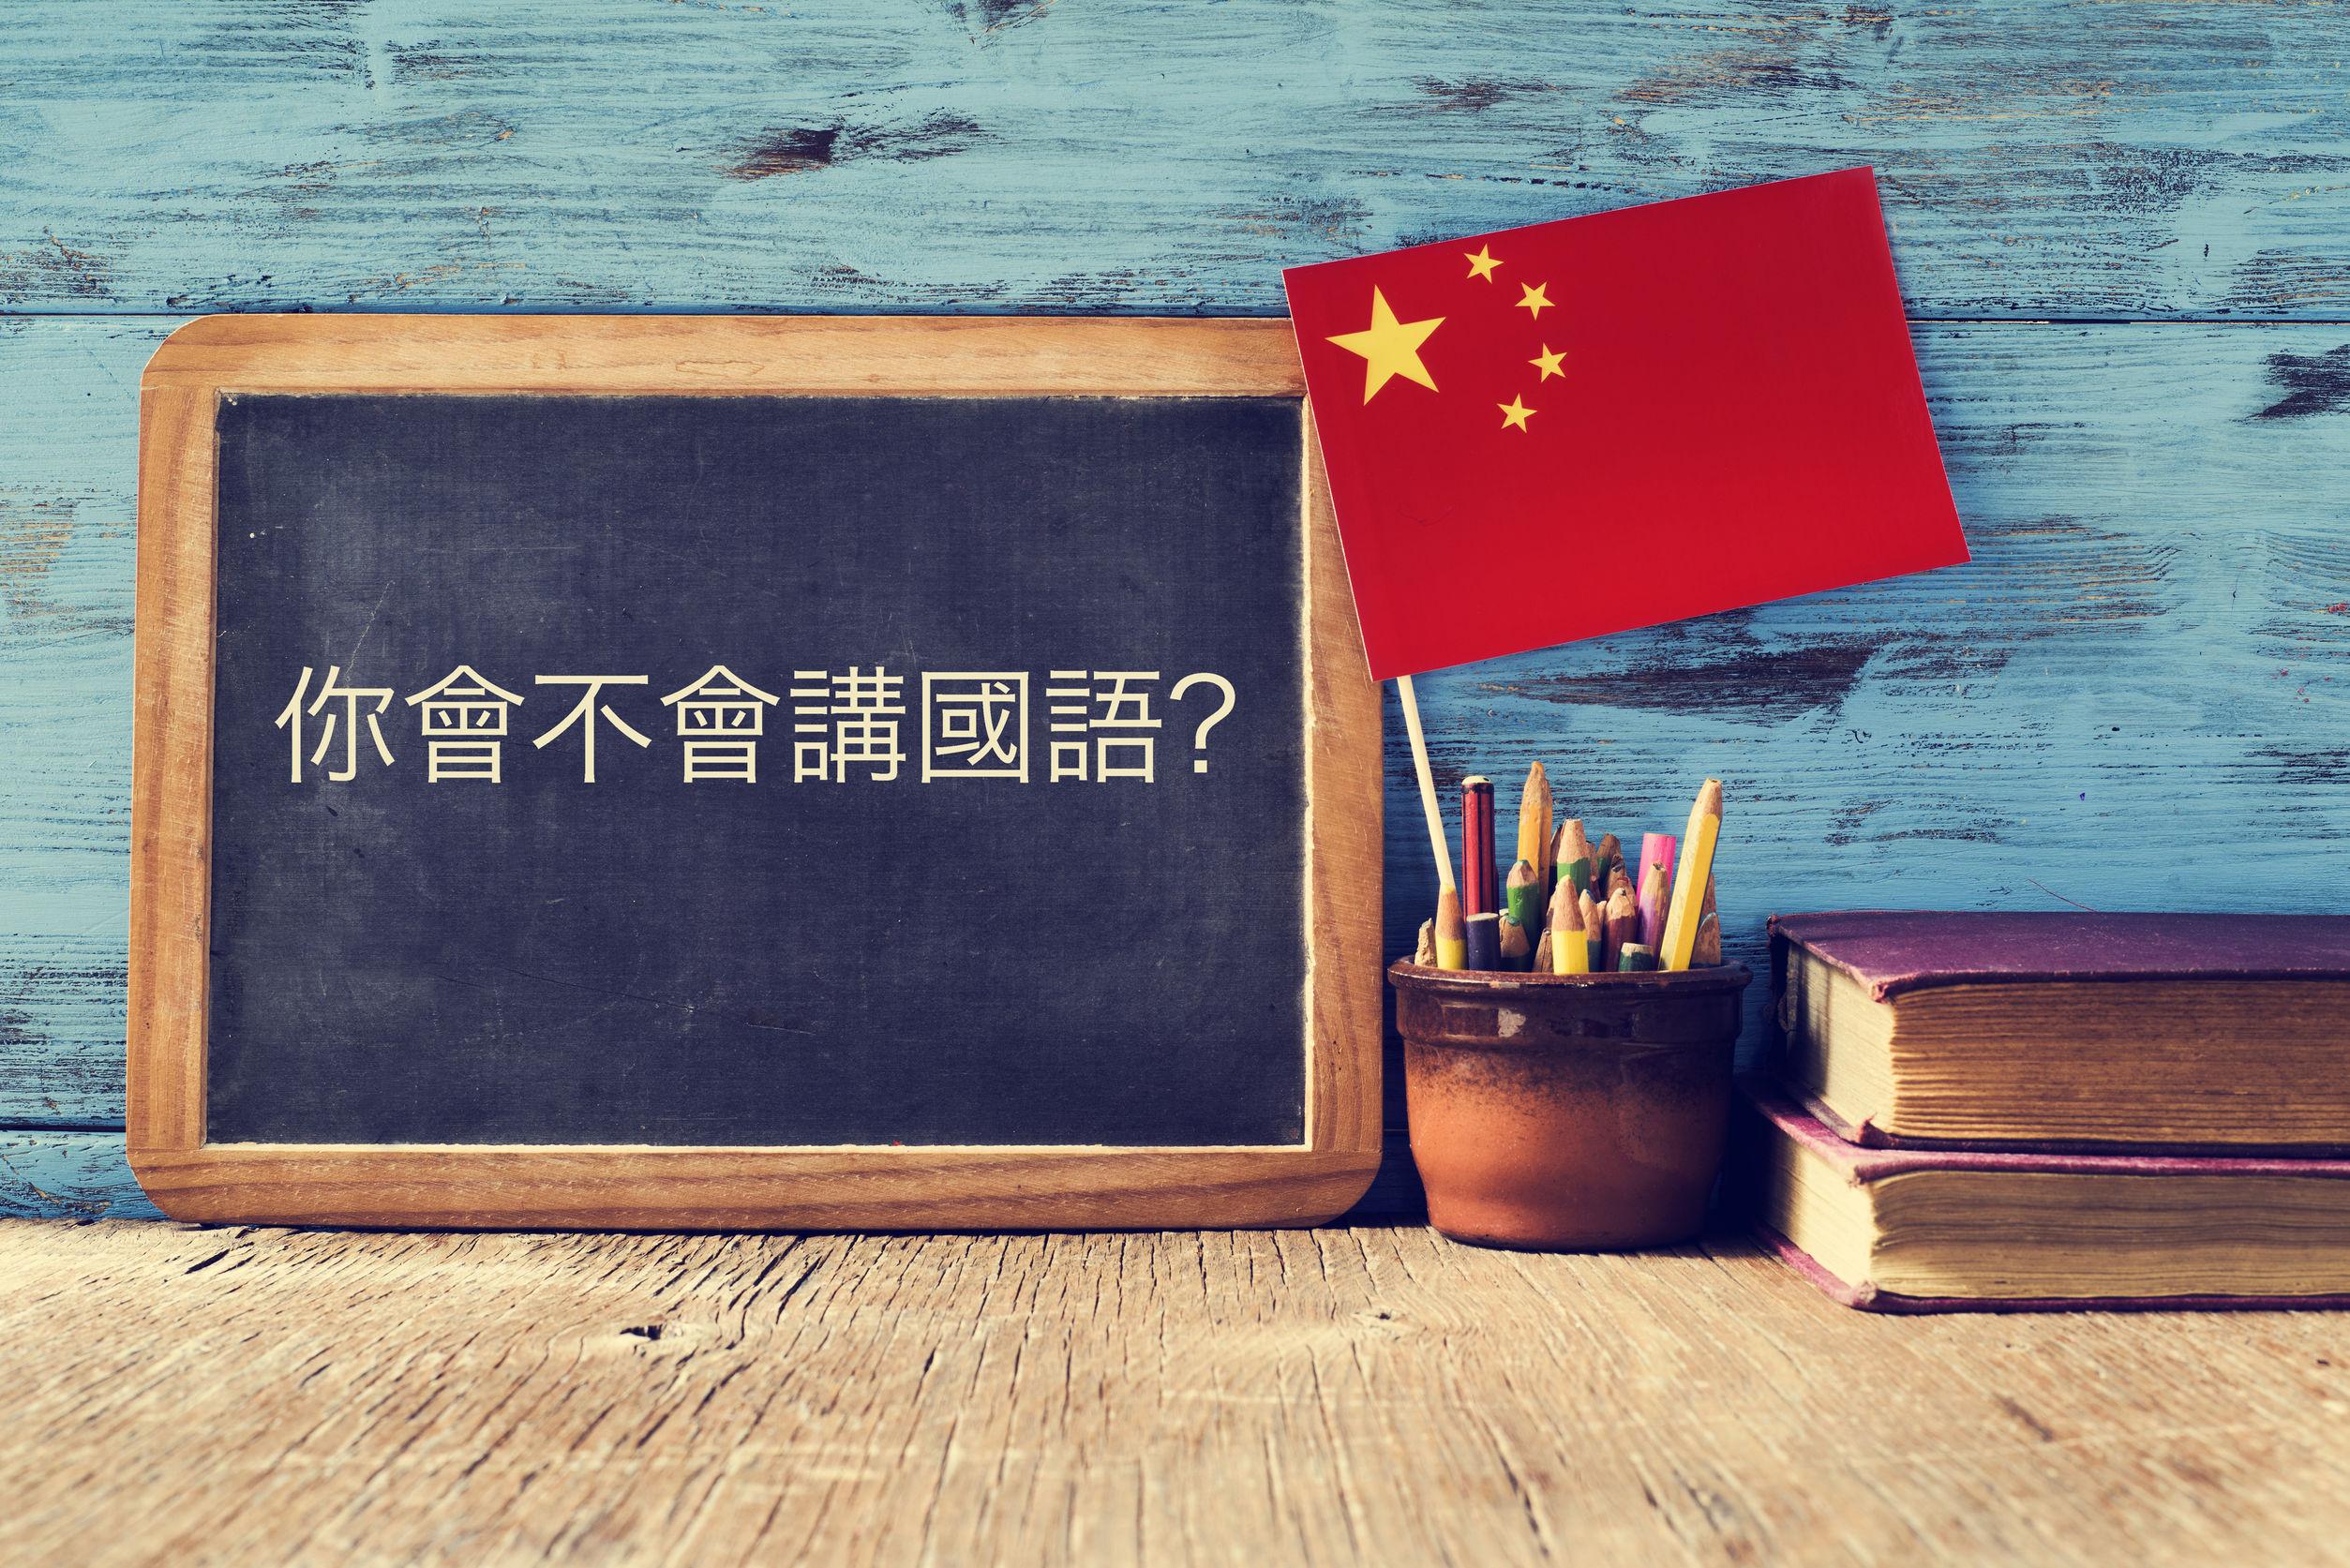 deutsch-chinesisch-übersetzen-lassen